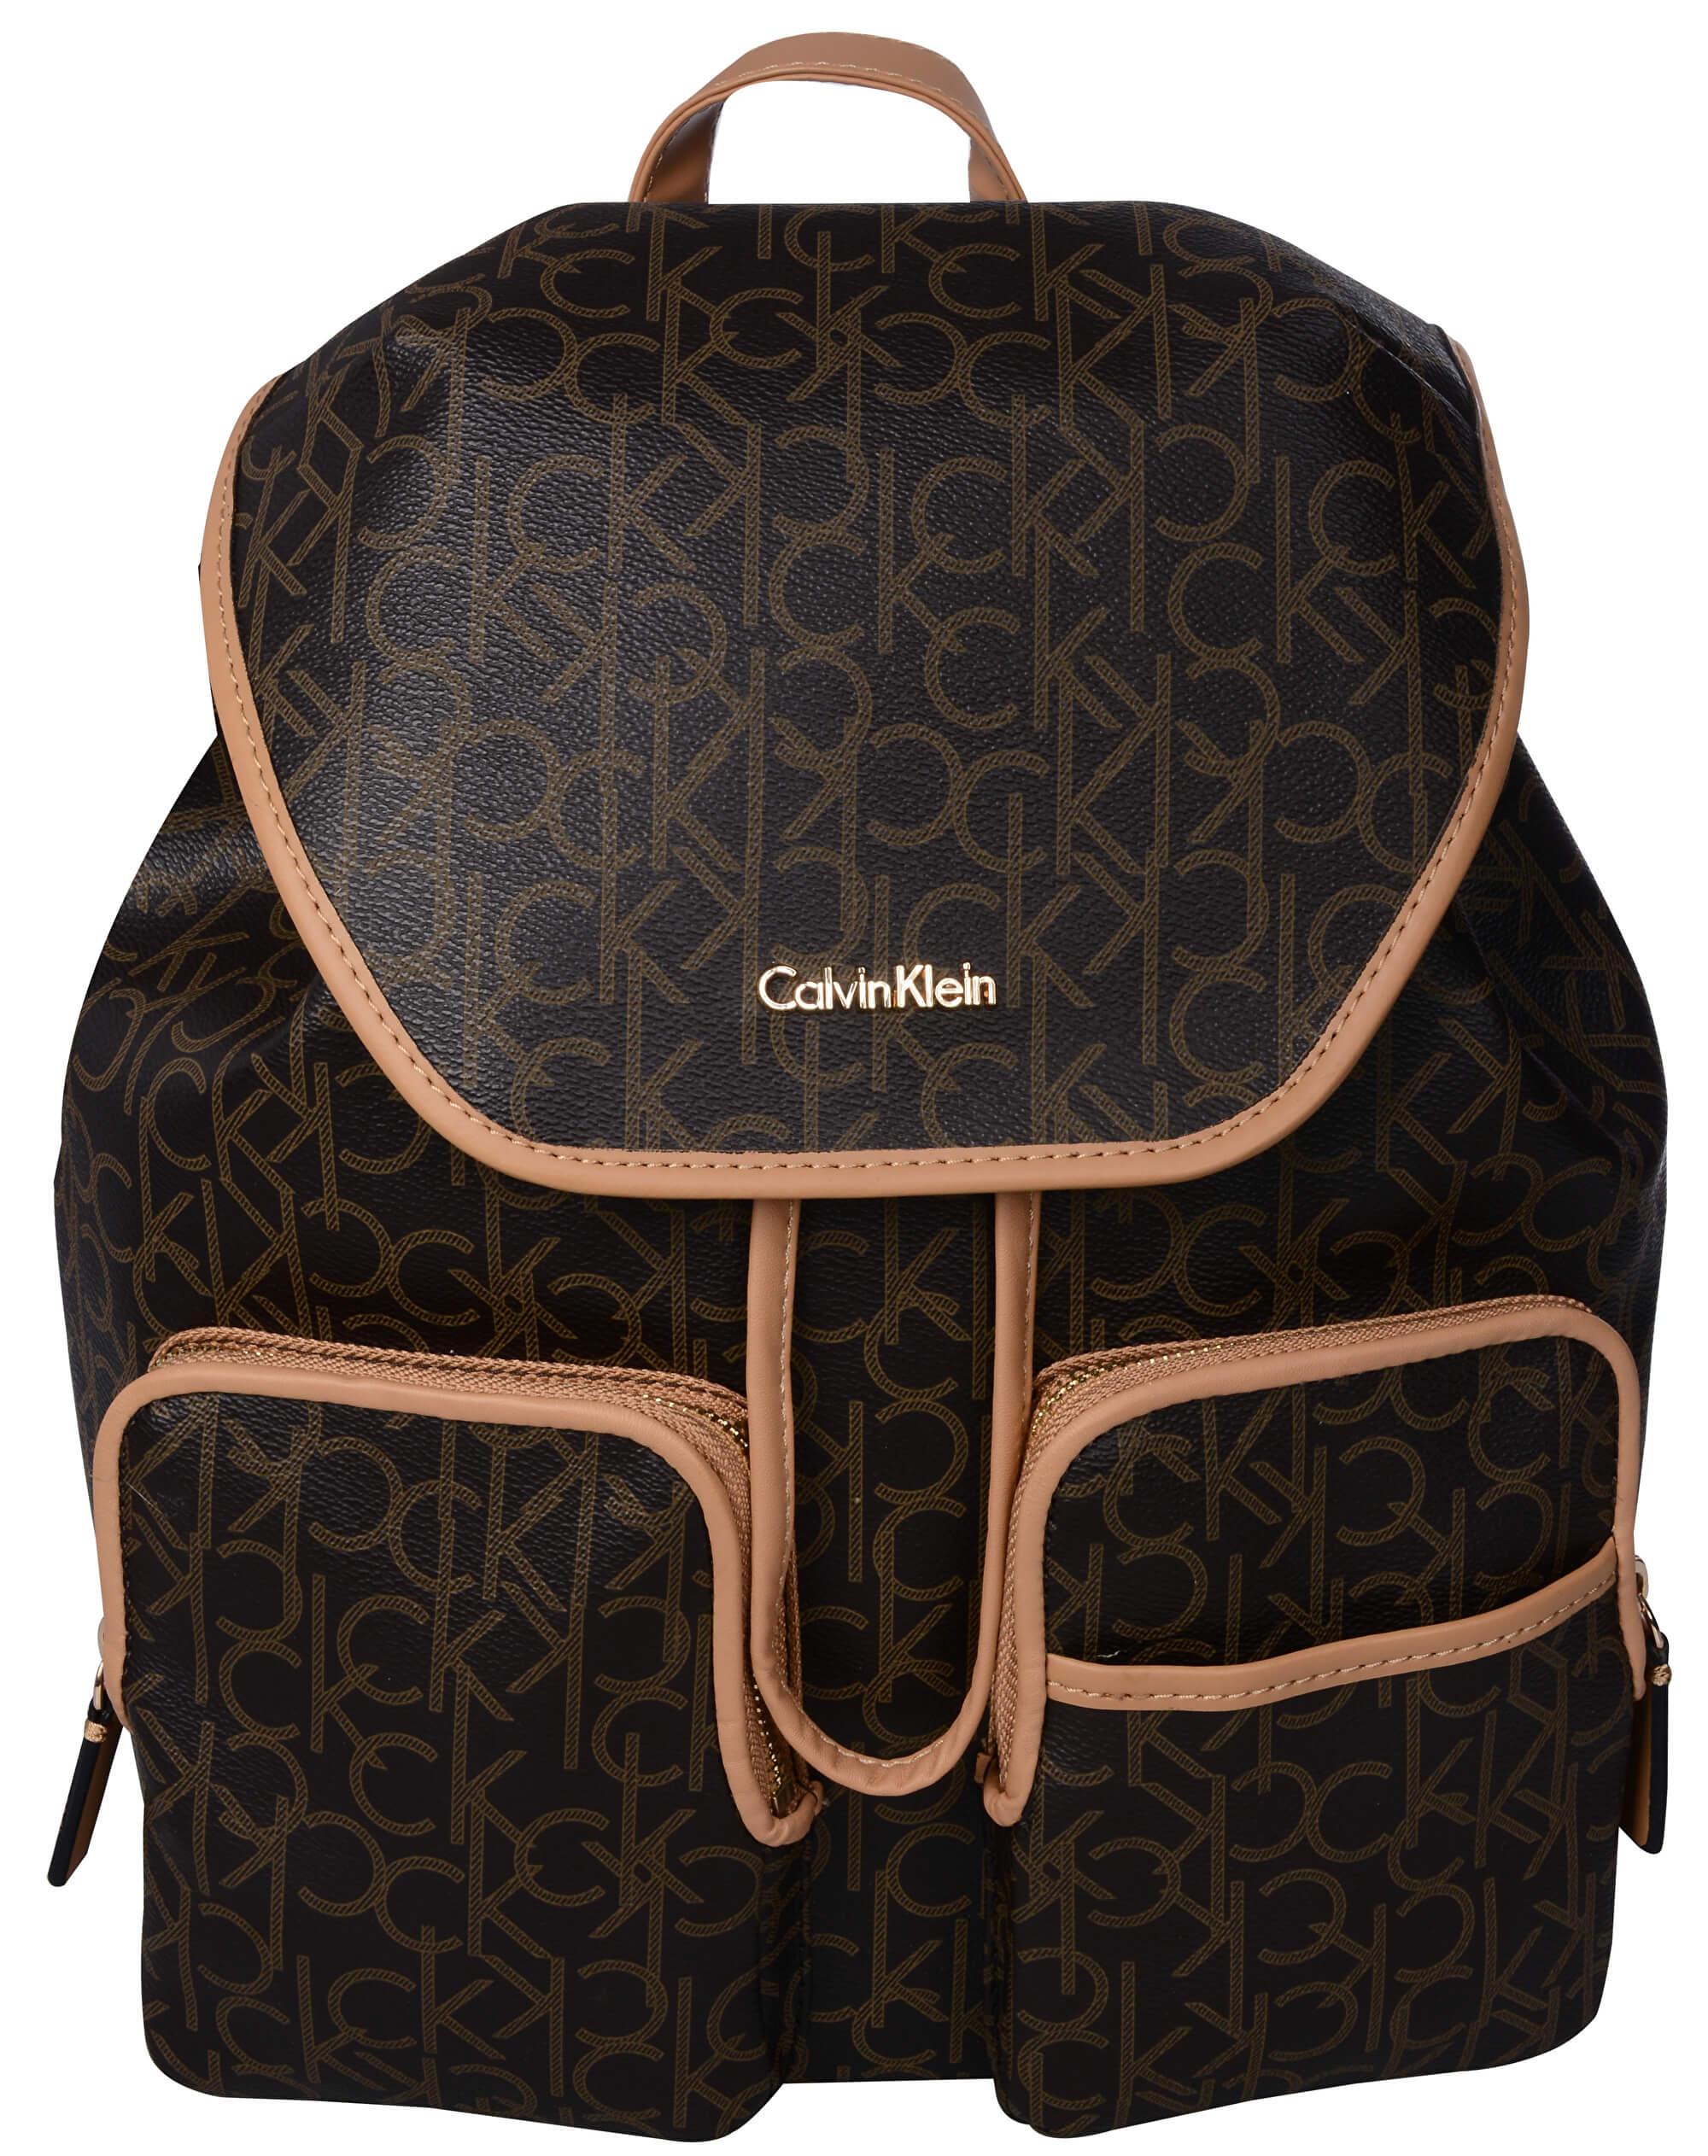 Calvin Klein Női hátizsák CK Monogram Elérhető 6 db Ingyenes ... 5cd4ec380e